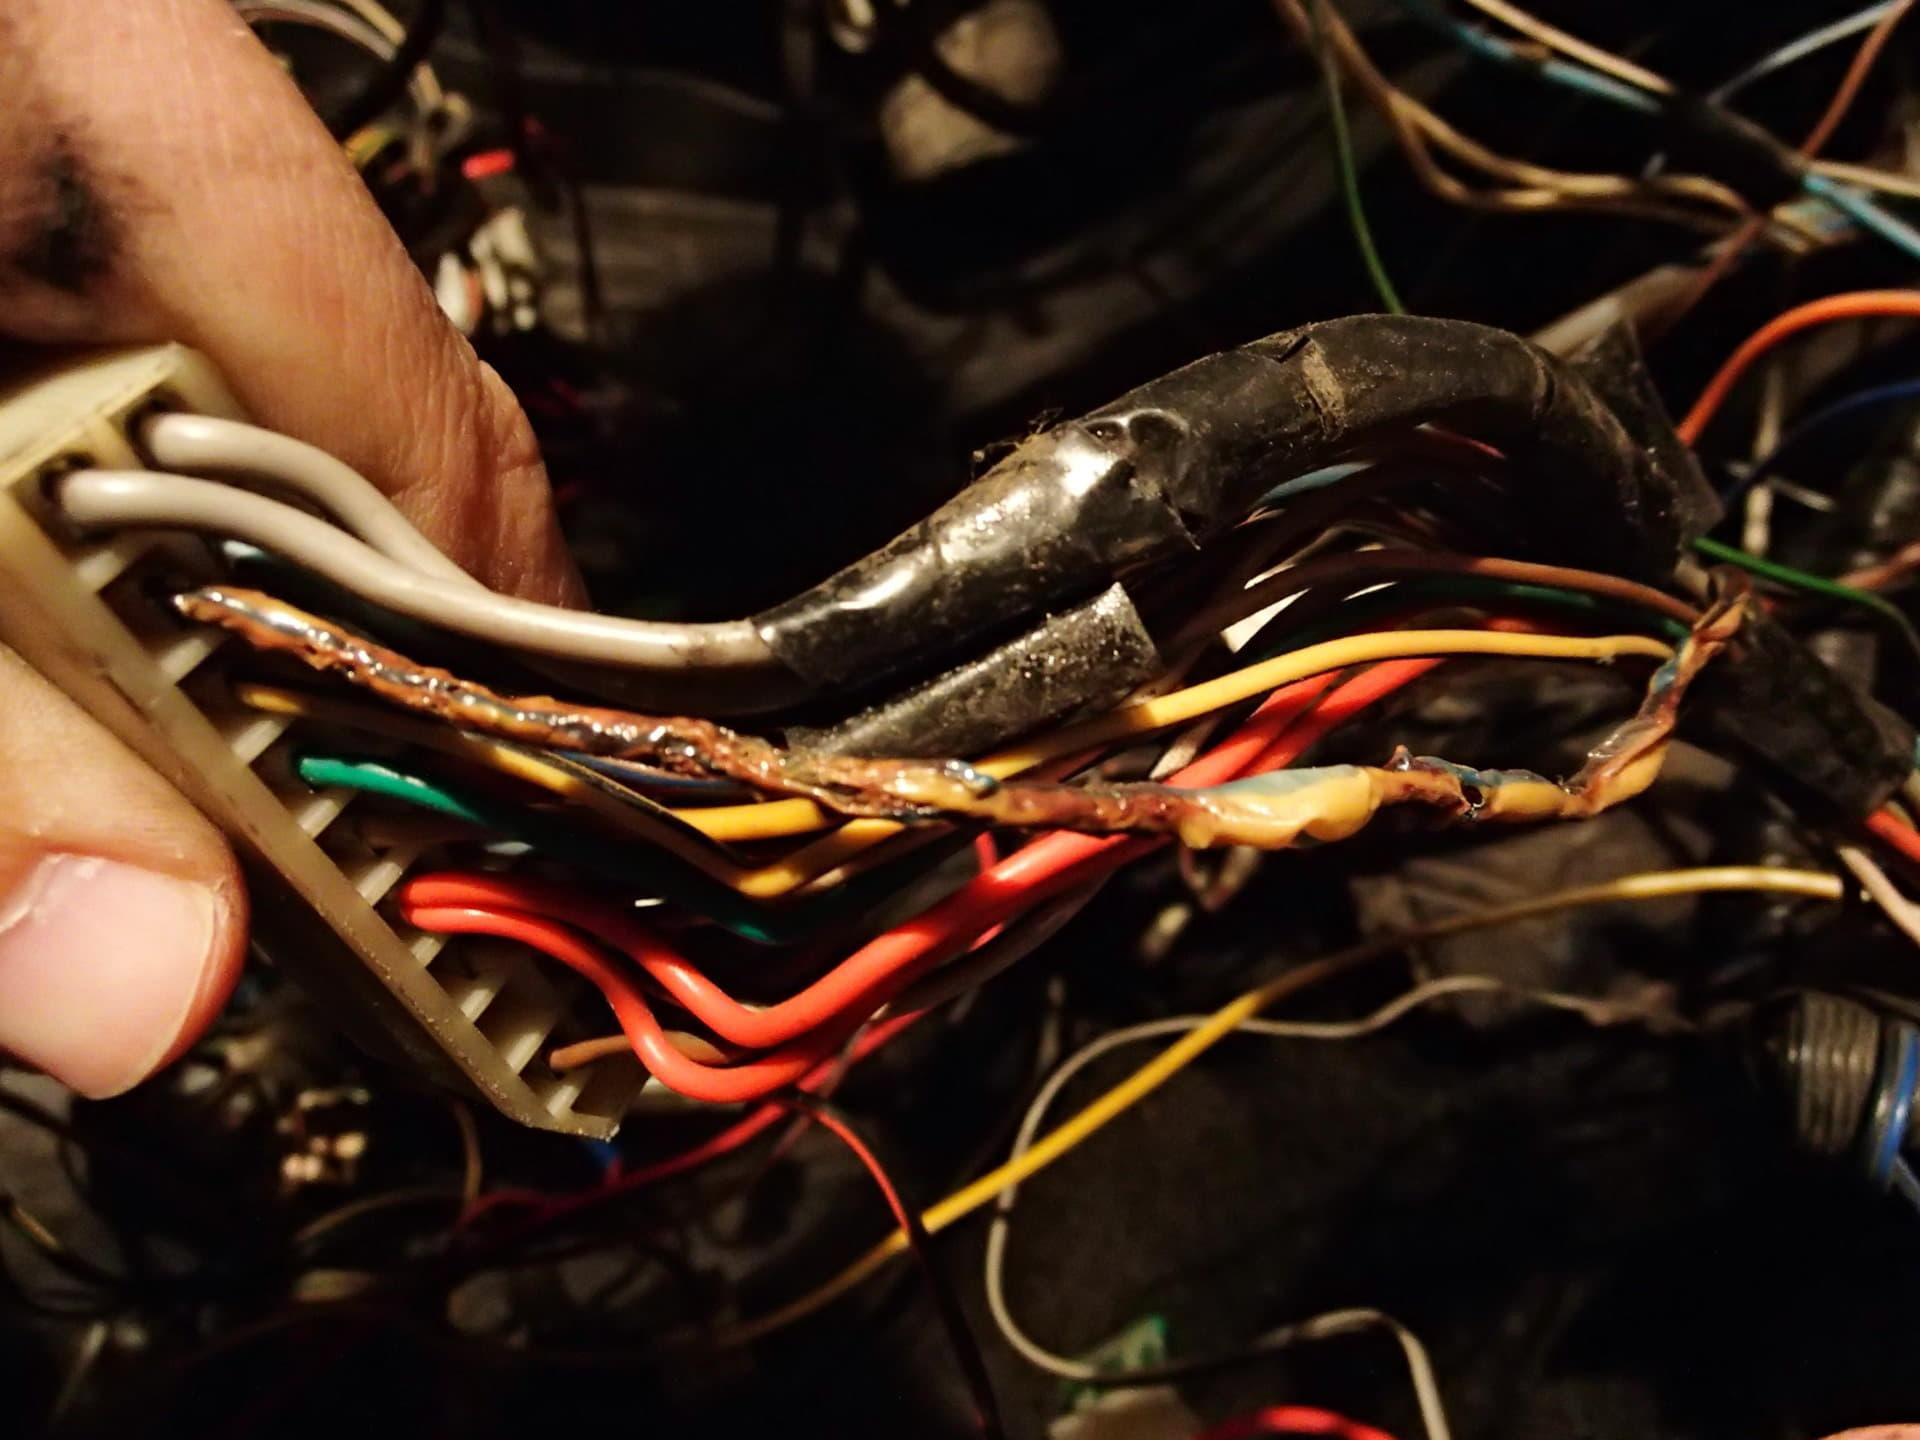 оголённые провода